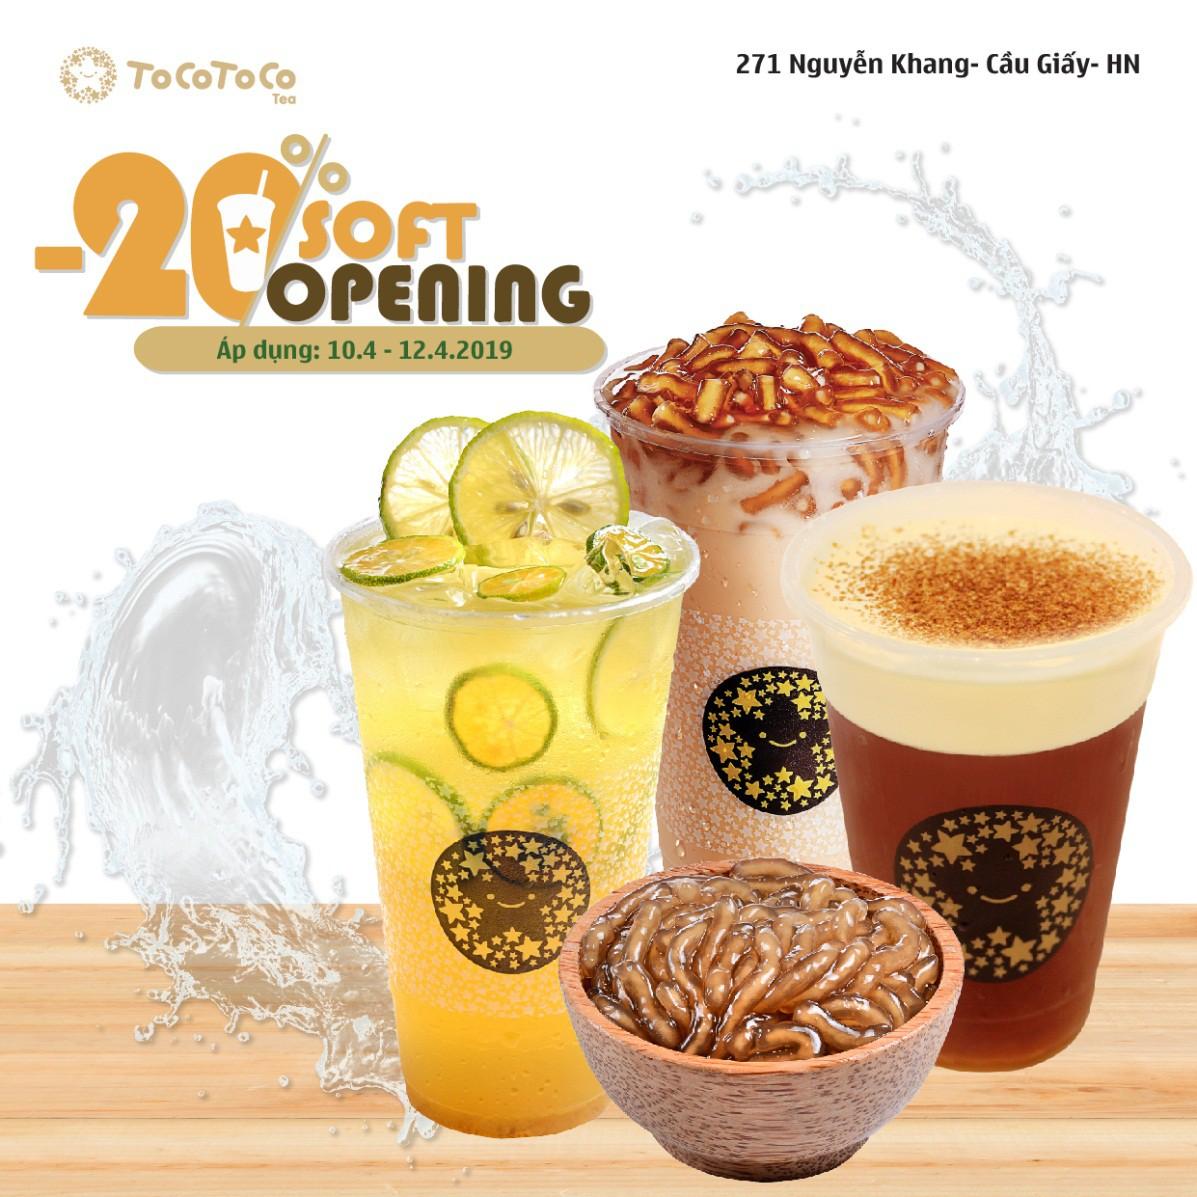 Gợi ý đồ uống siêu hot trong mùa hè sắp tới tại trà sữa TocoToco - Ảnh 4.